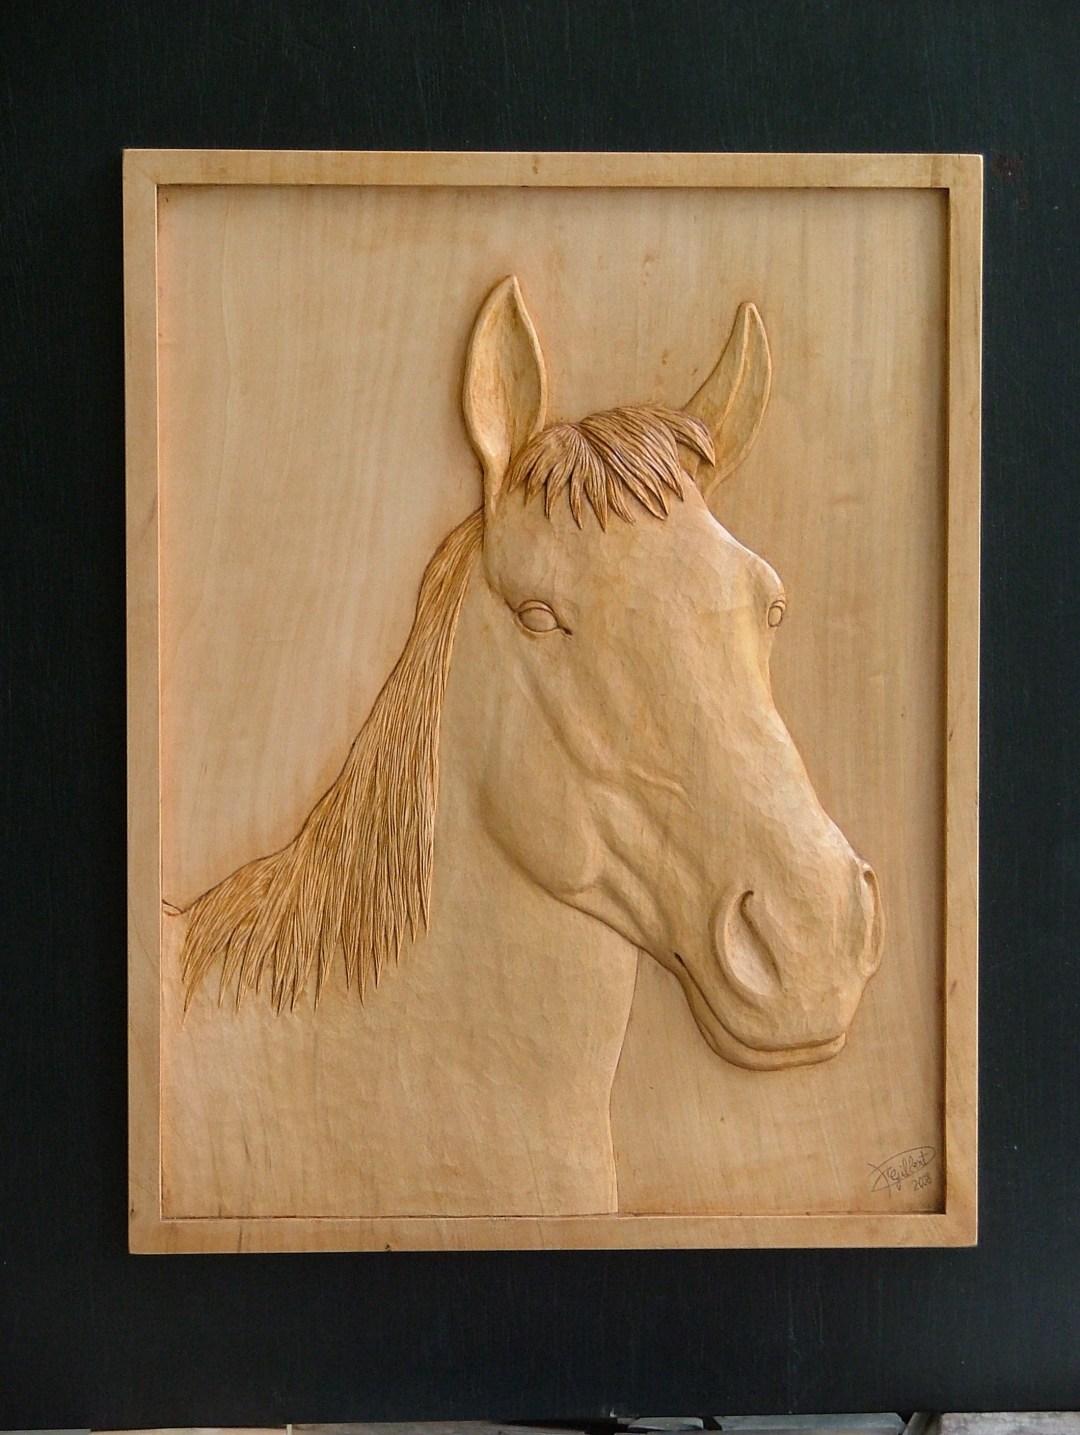 Portrait de cheval en tilleul